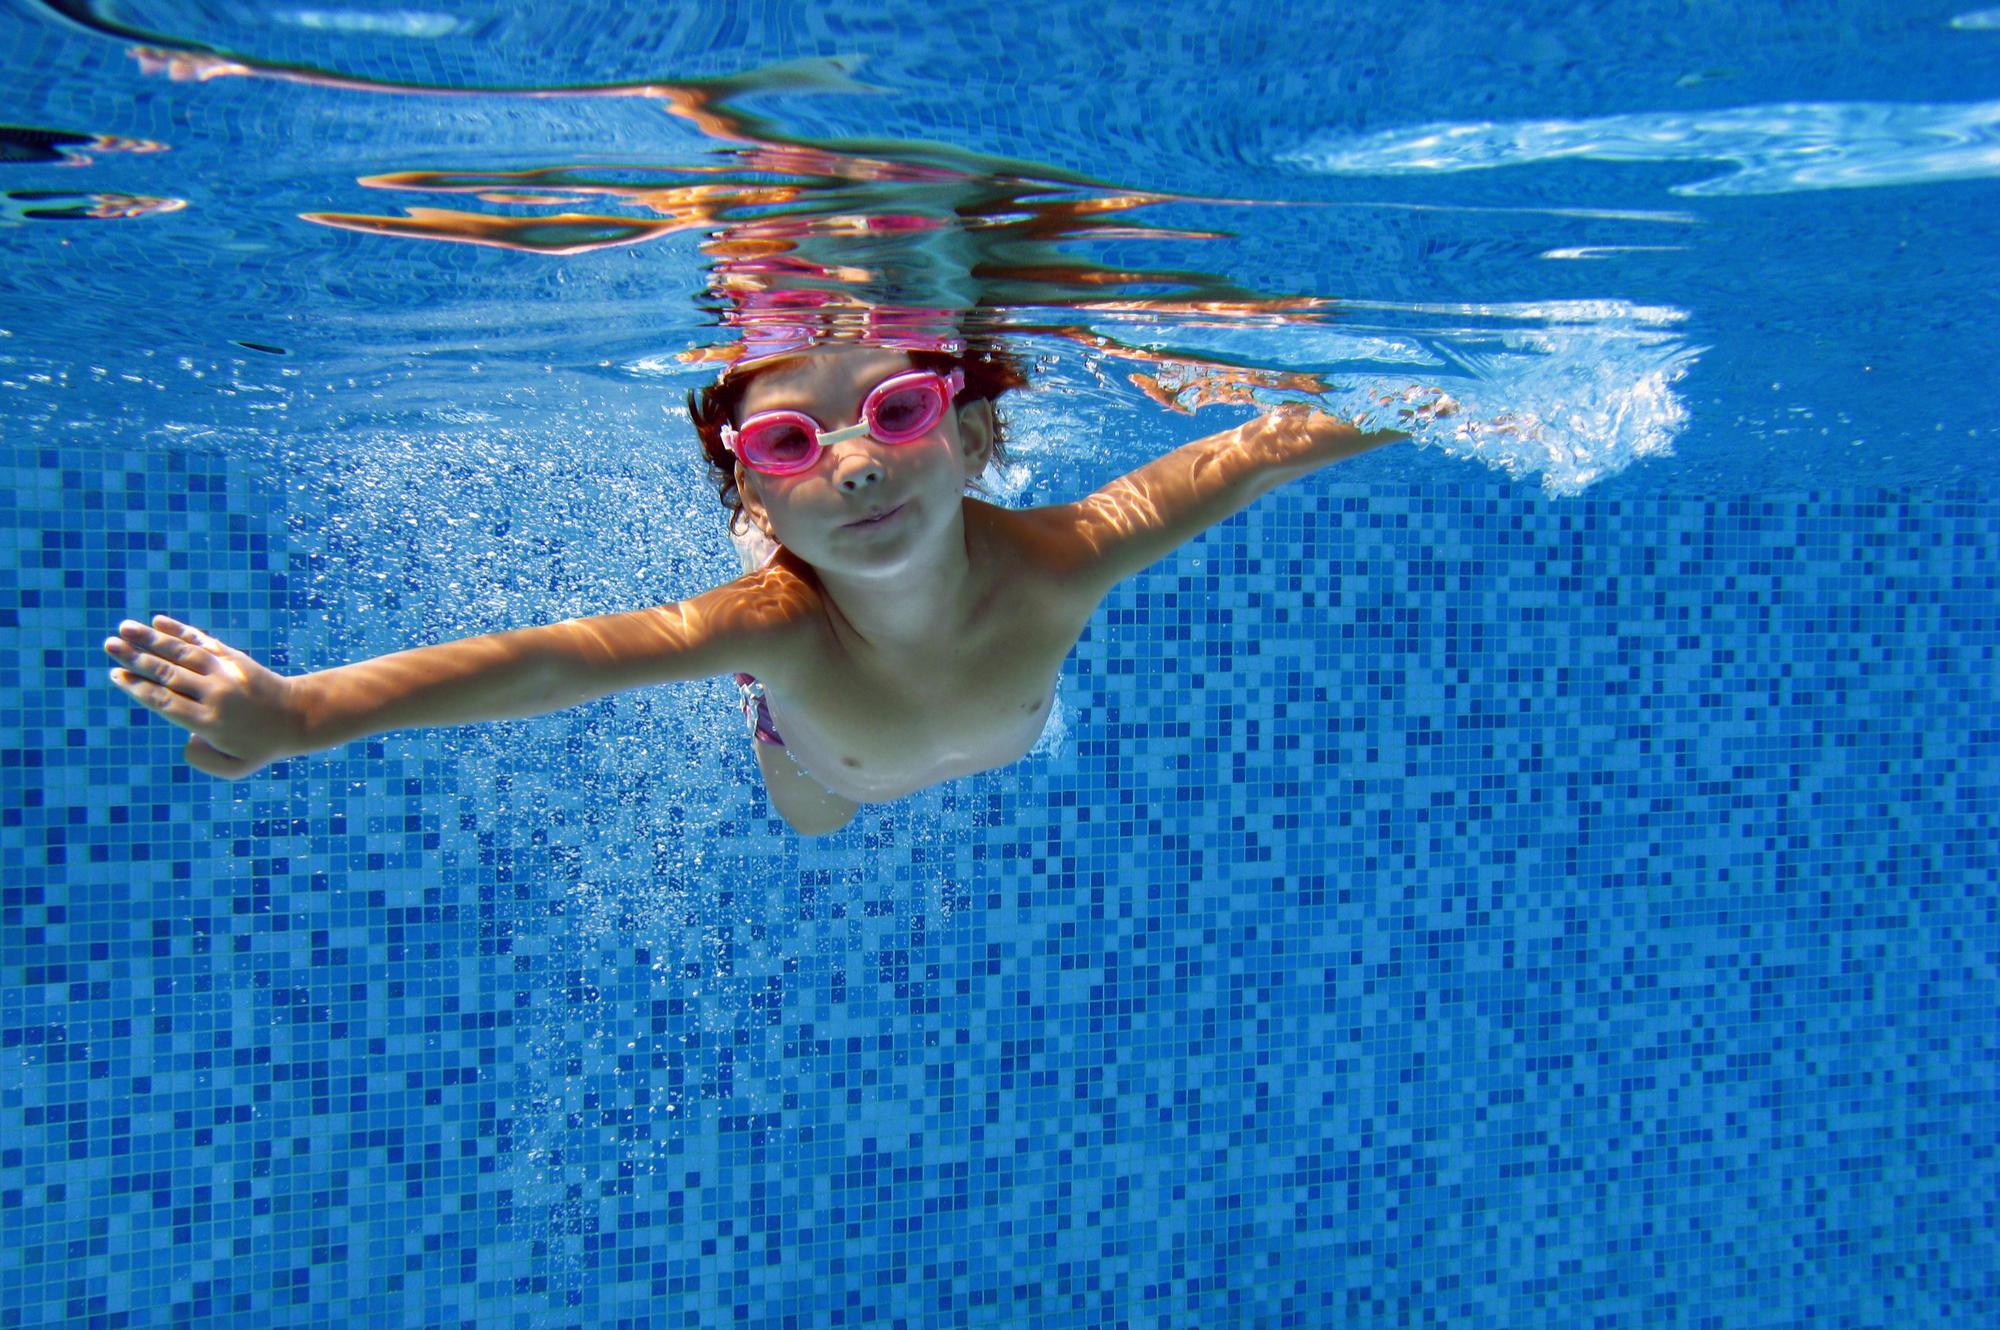 Schwimm Spiele Kostenlos